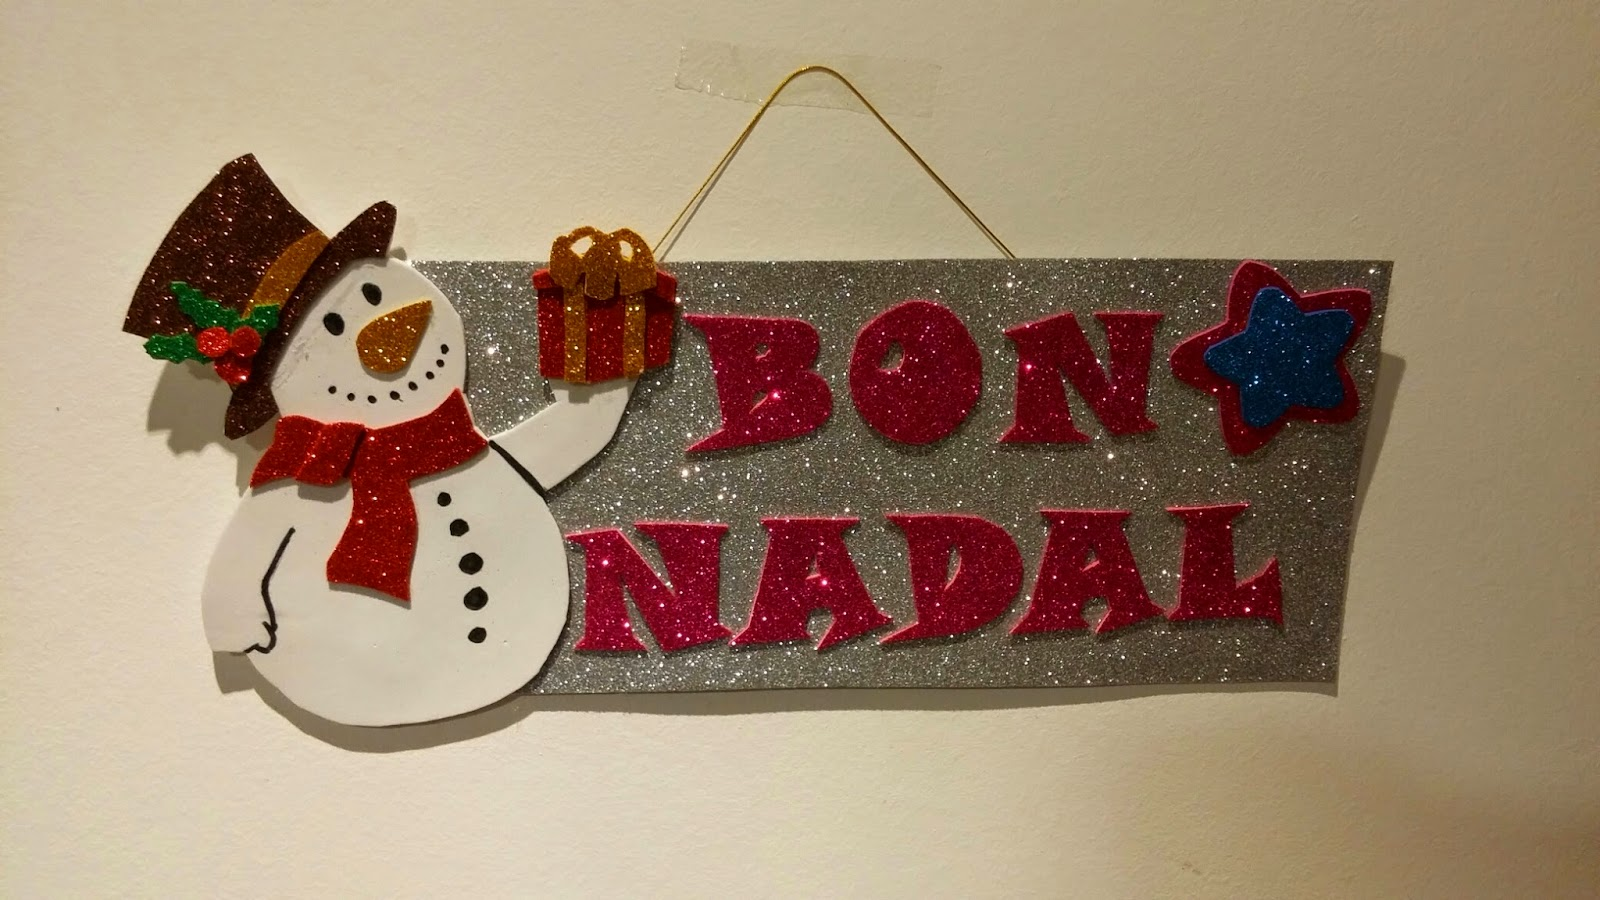 Rase una vez una aguja adornos navide os en goma eva - Adornos navidenos de goma eva ...